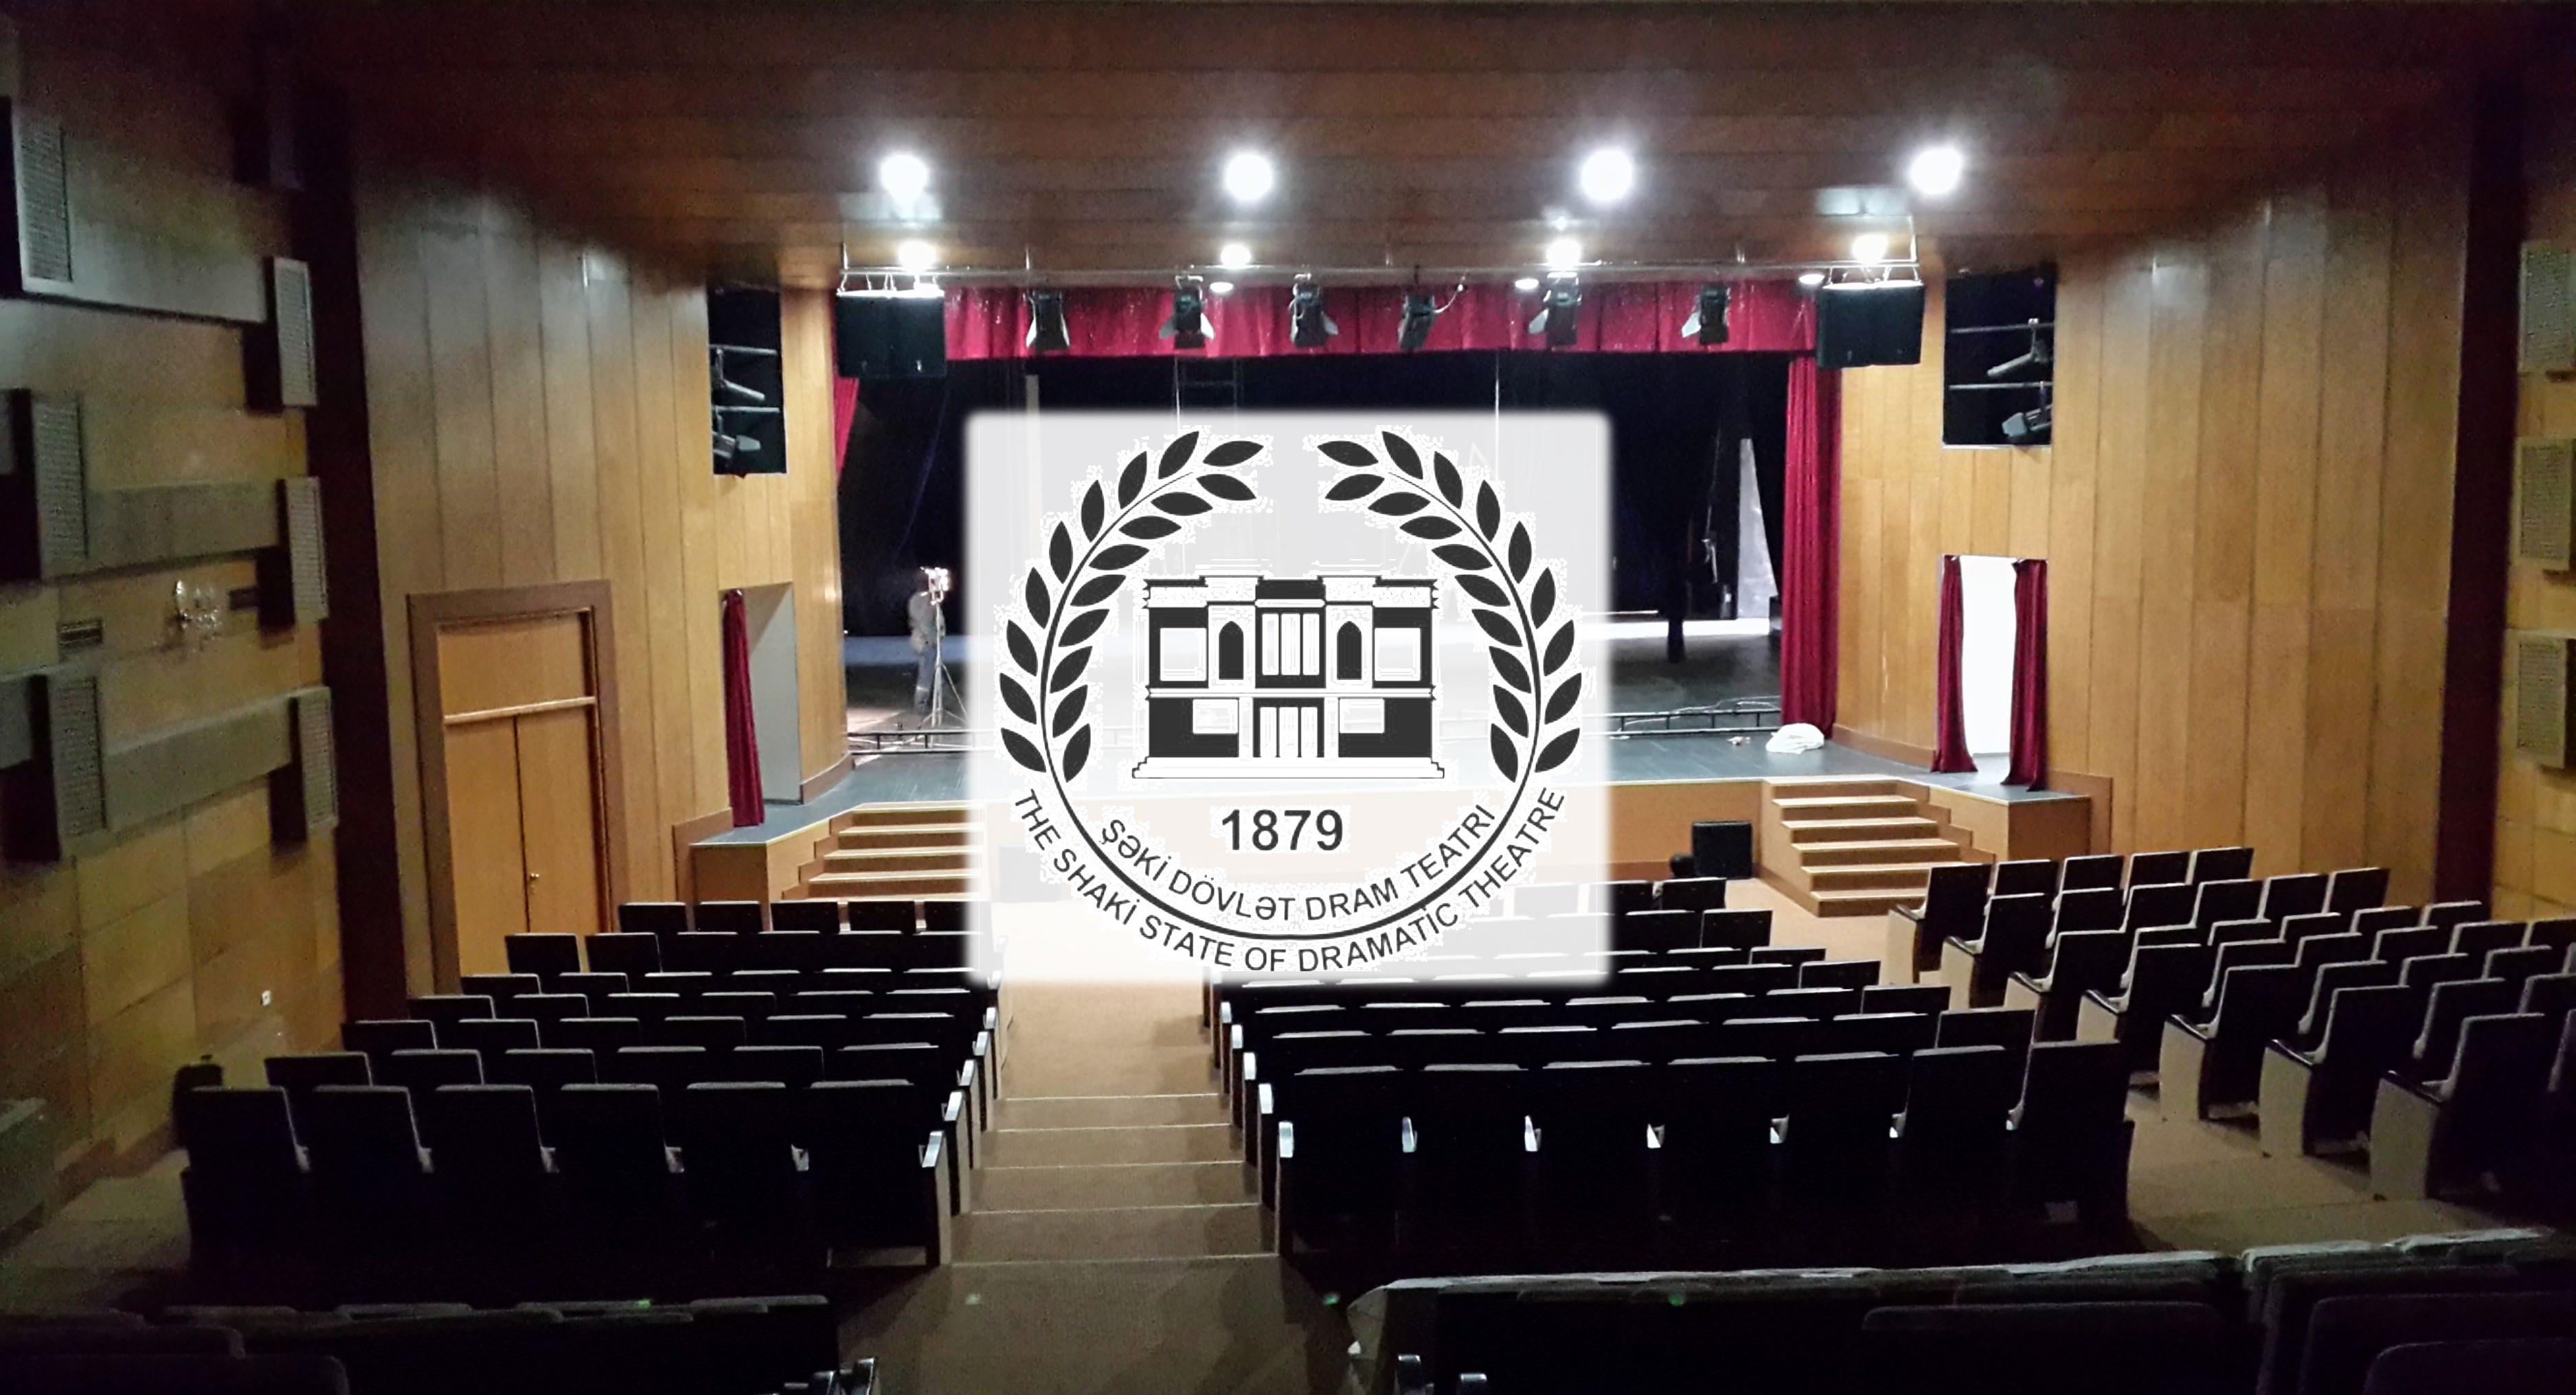 Sheki-Drama-Tiyatro-Azerbaycan-Tiyatro-Doner-Sahne-Dekor-İsik-Askilari-Arena-Sahne